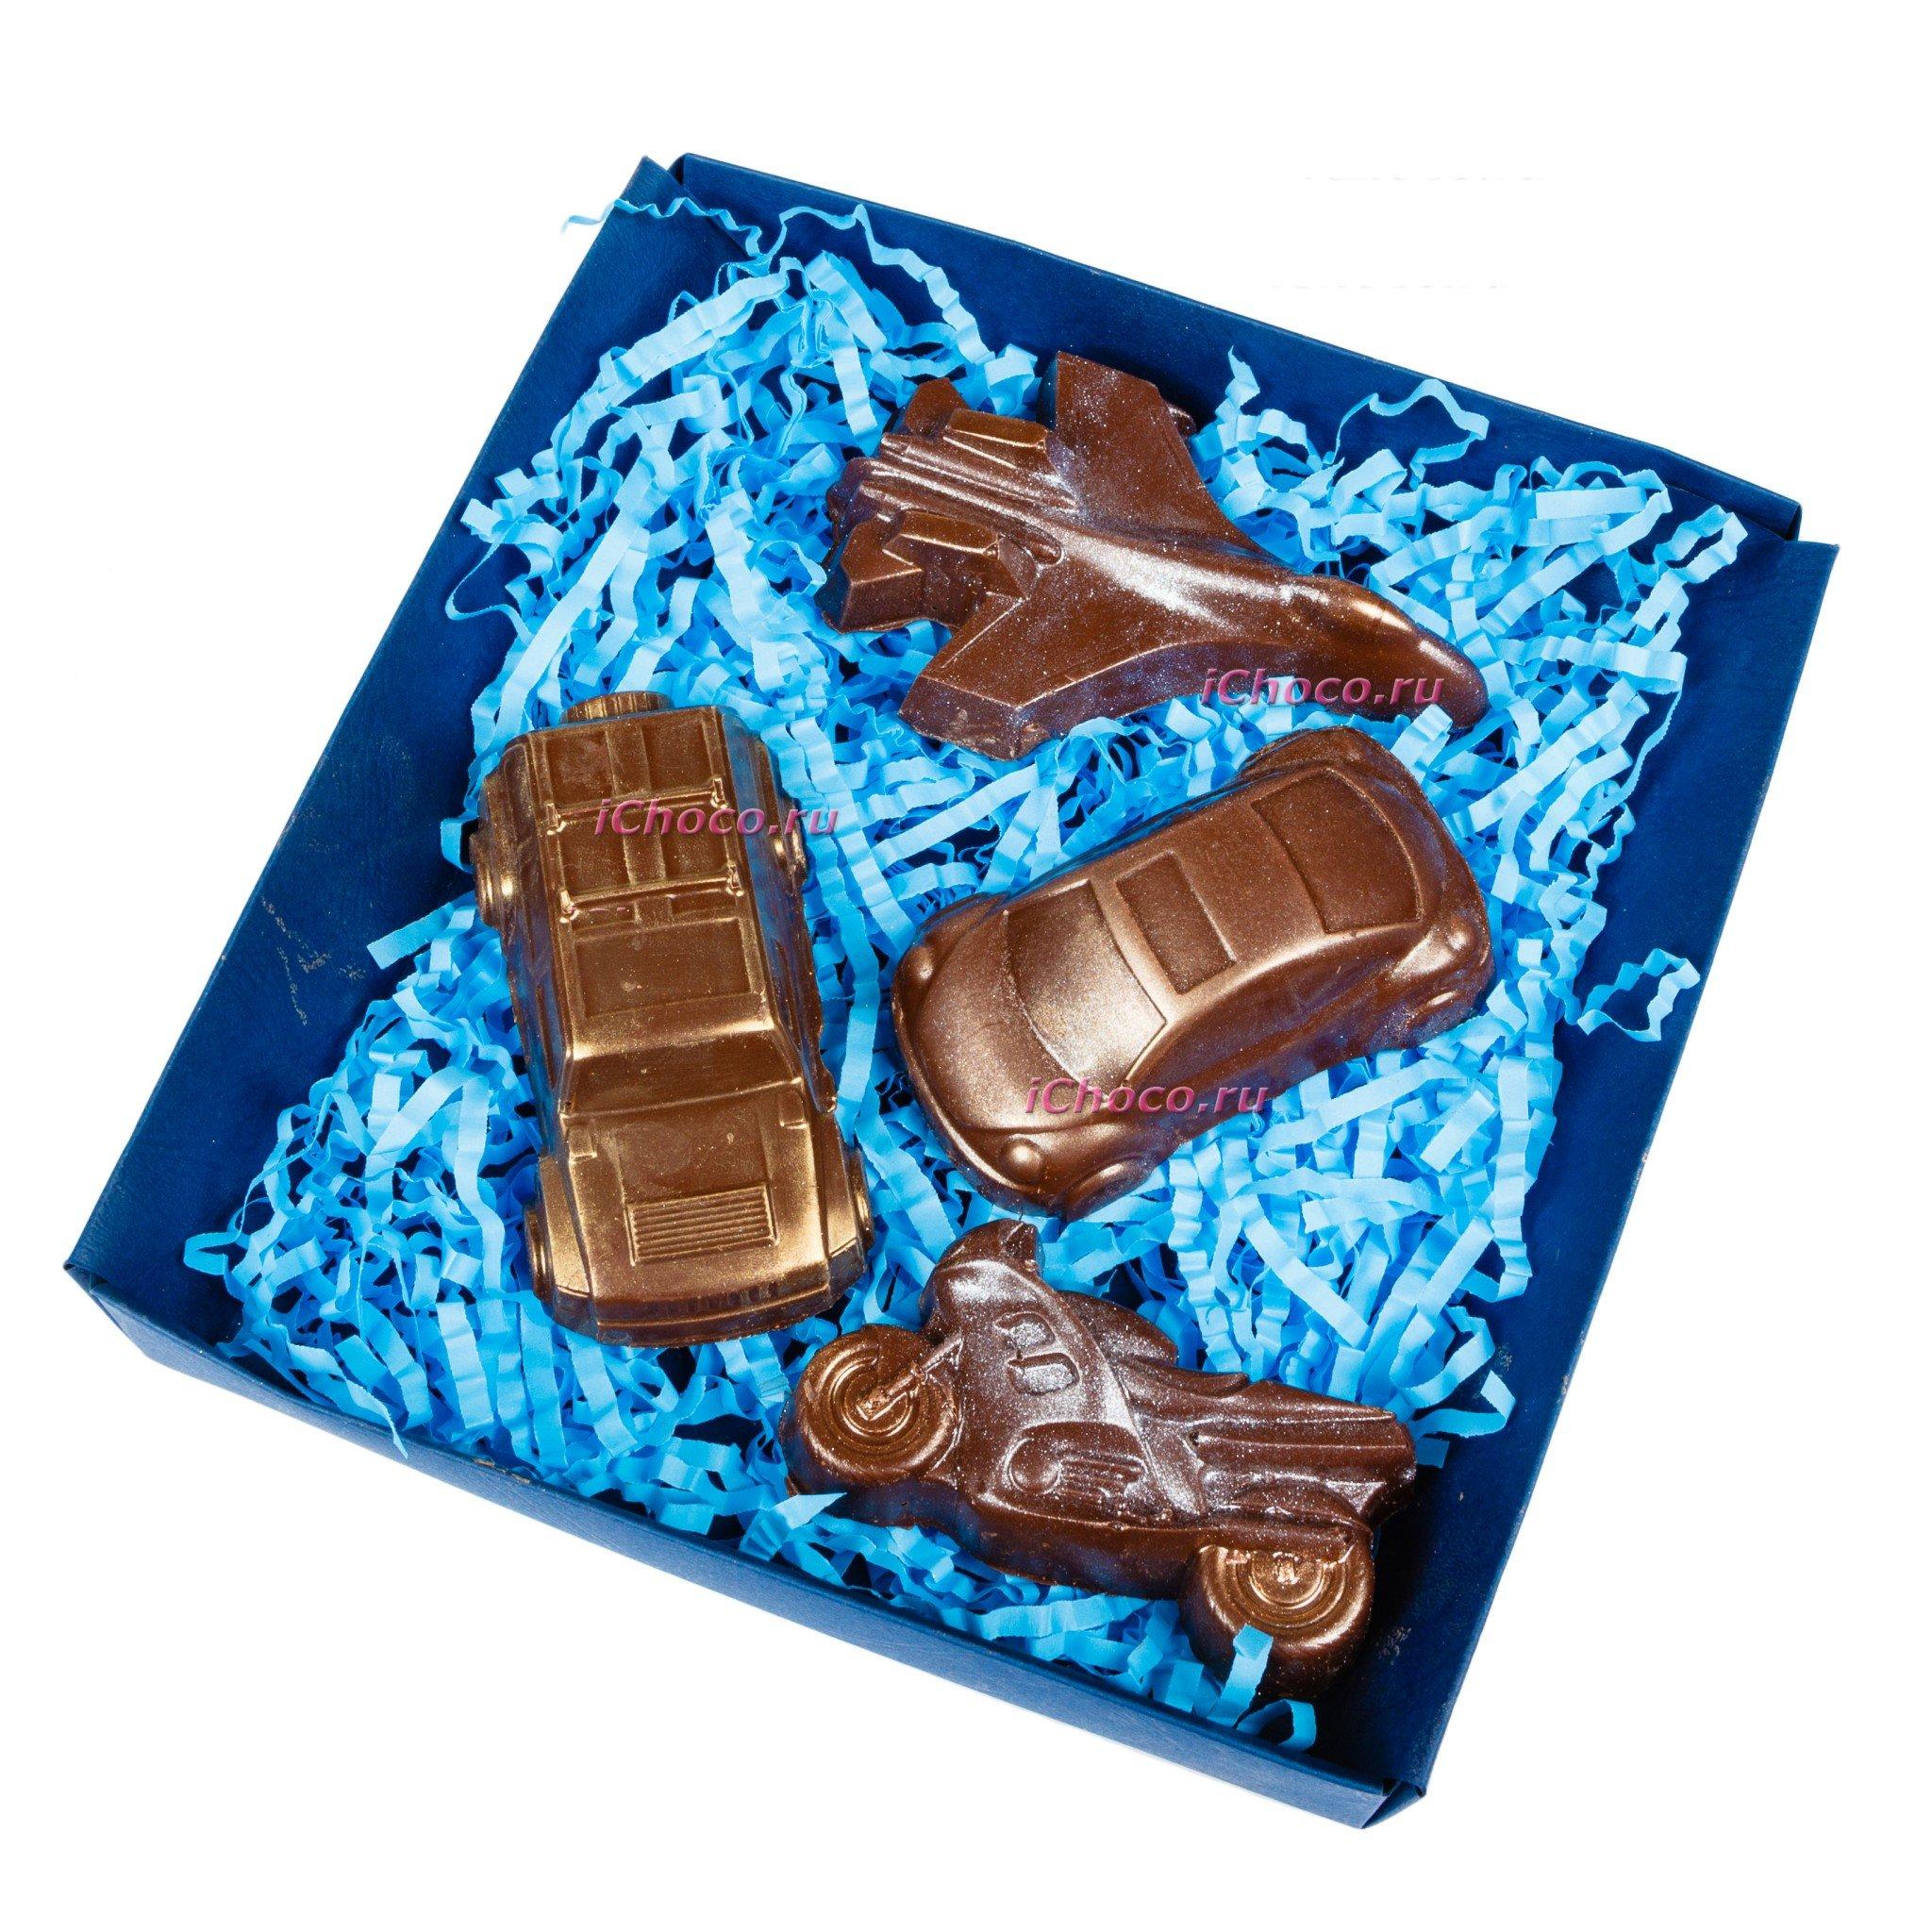 Всё для шоколада ручной работы спб